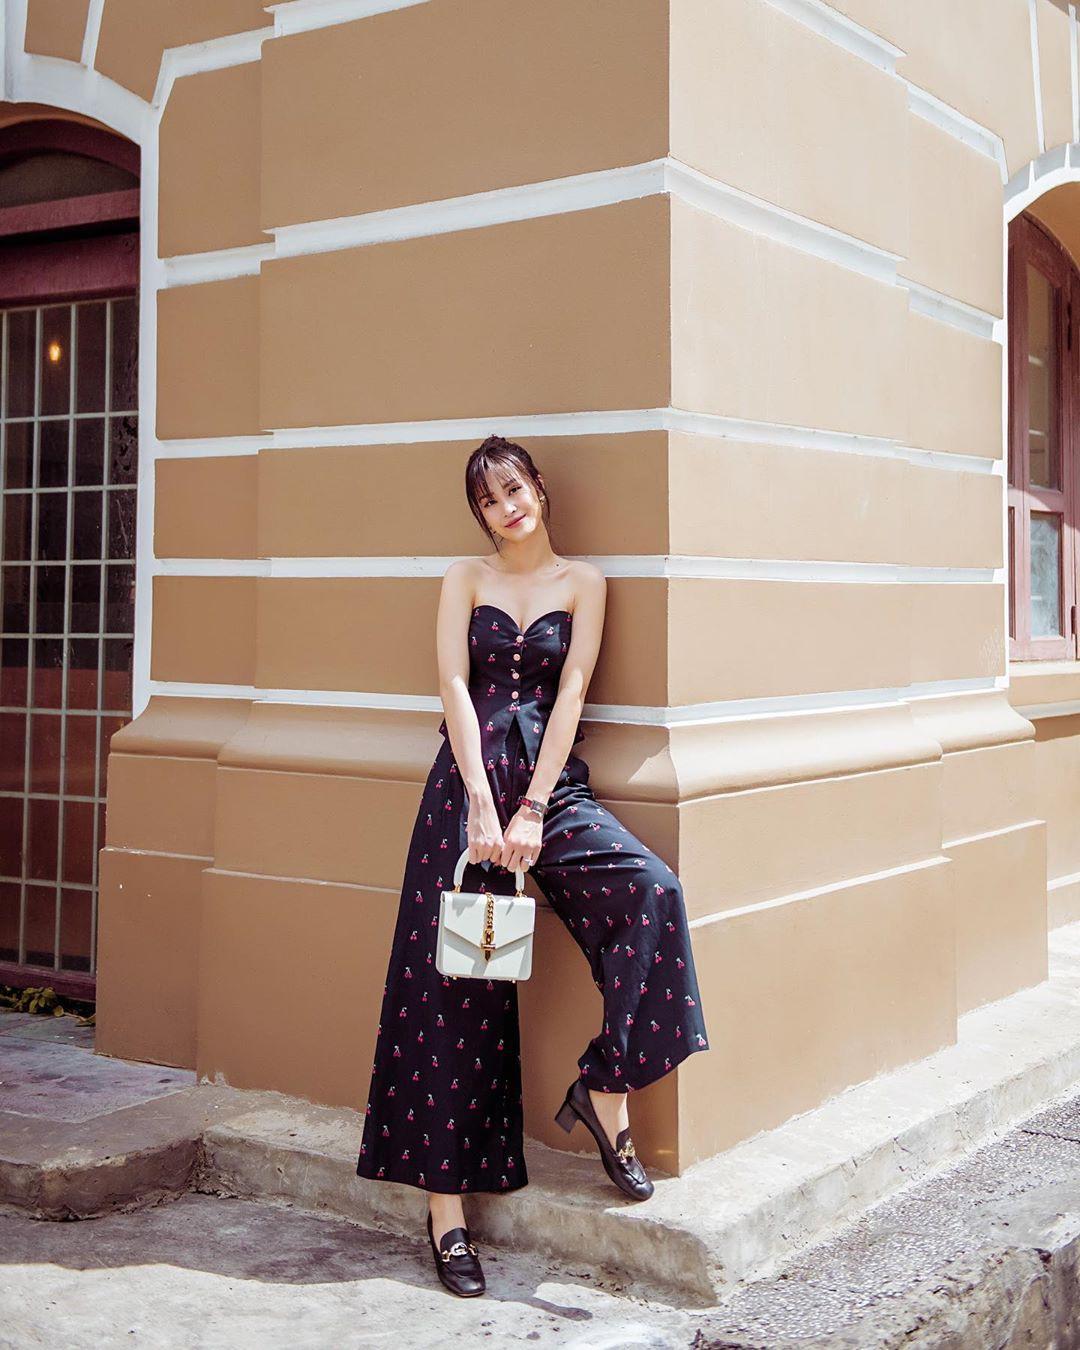 Trước khi cưới đại gia thực thụ Ông Cao Thắng, Đông Nhi đã là nữ đại gia ngầm của showbiz với khối tài sản ít người biết này 13